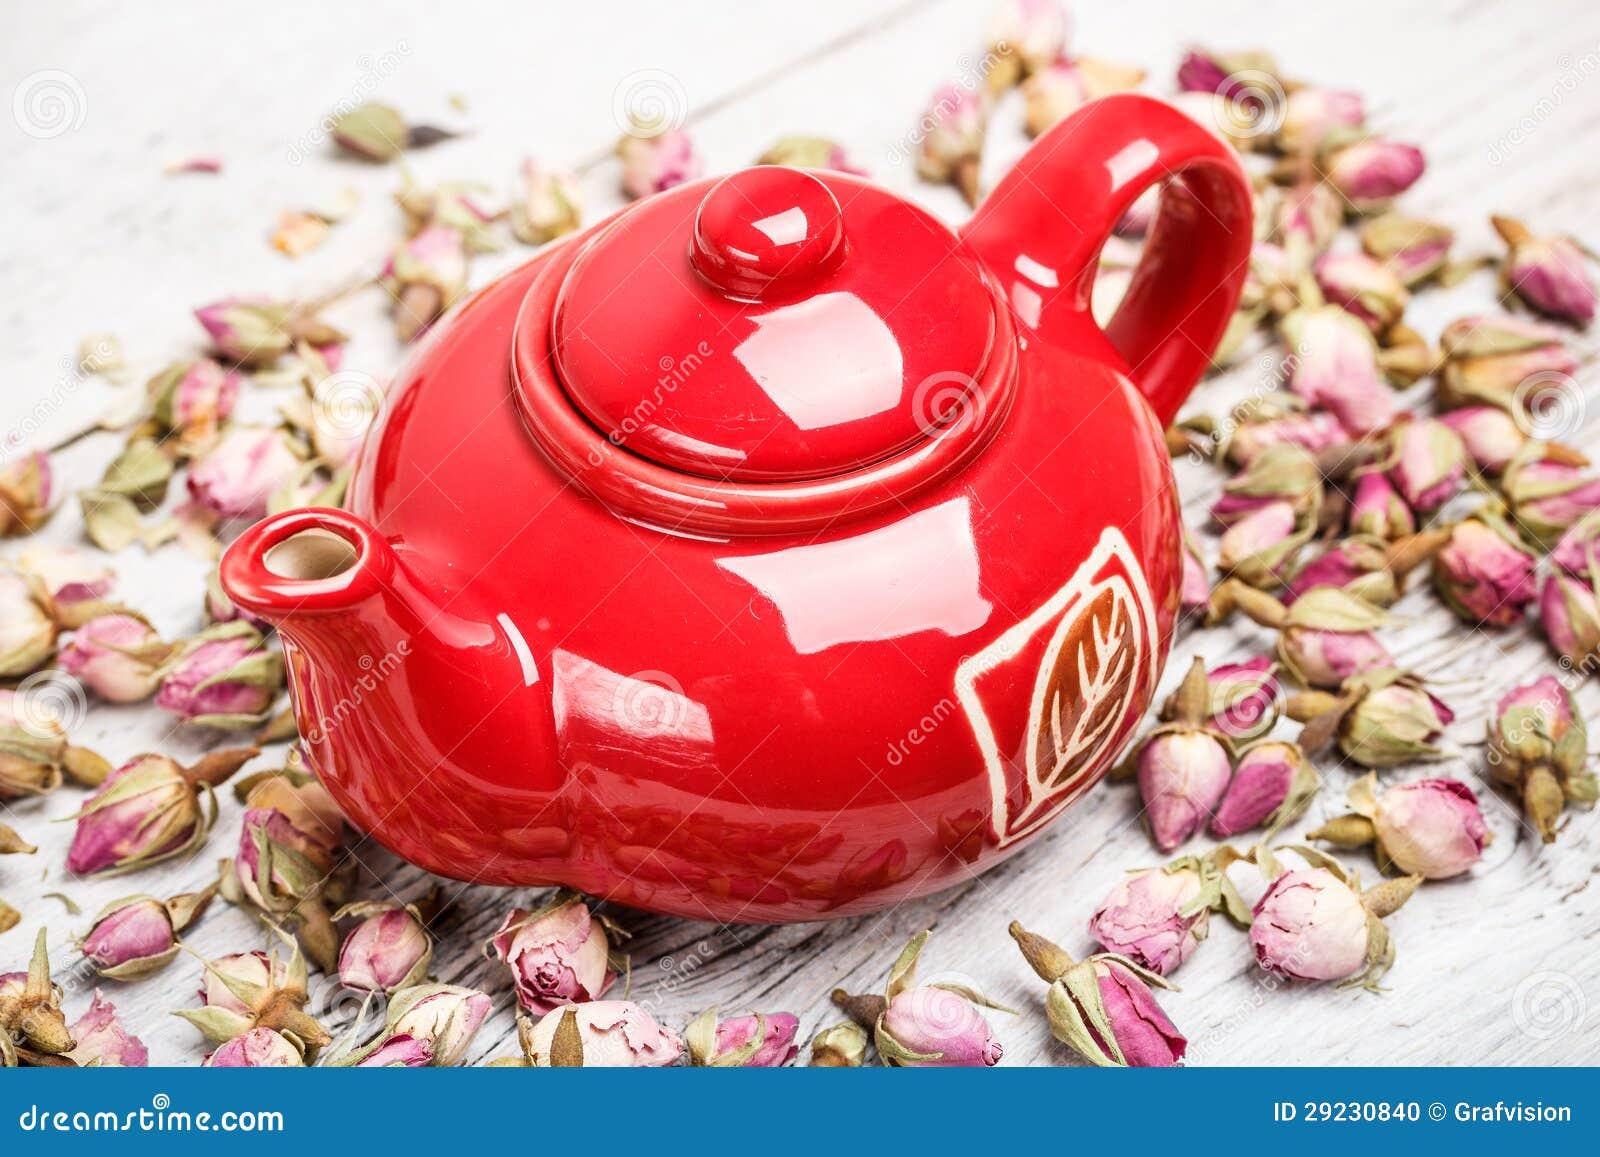 Download Bule vermelho foto de stock. Imagem de tradicional, flor - 29230840